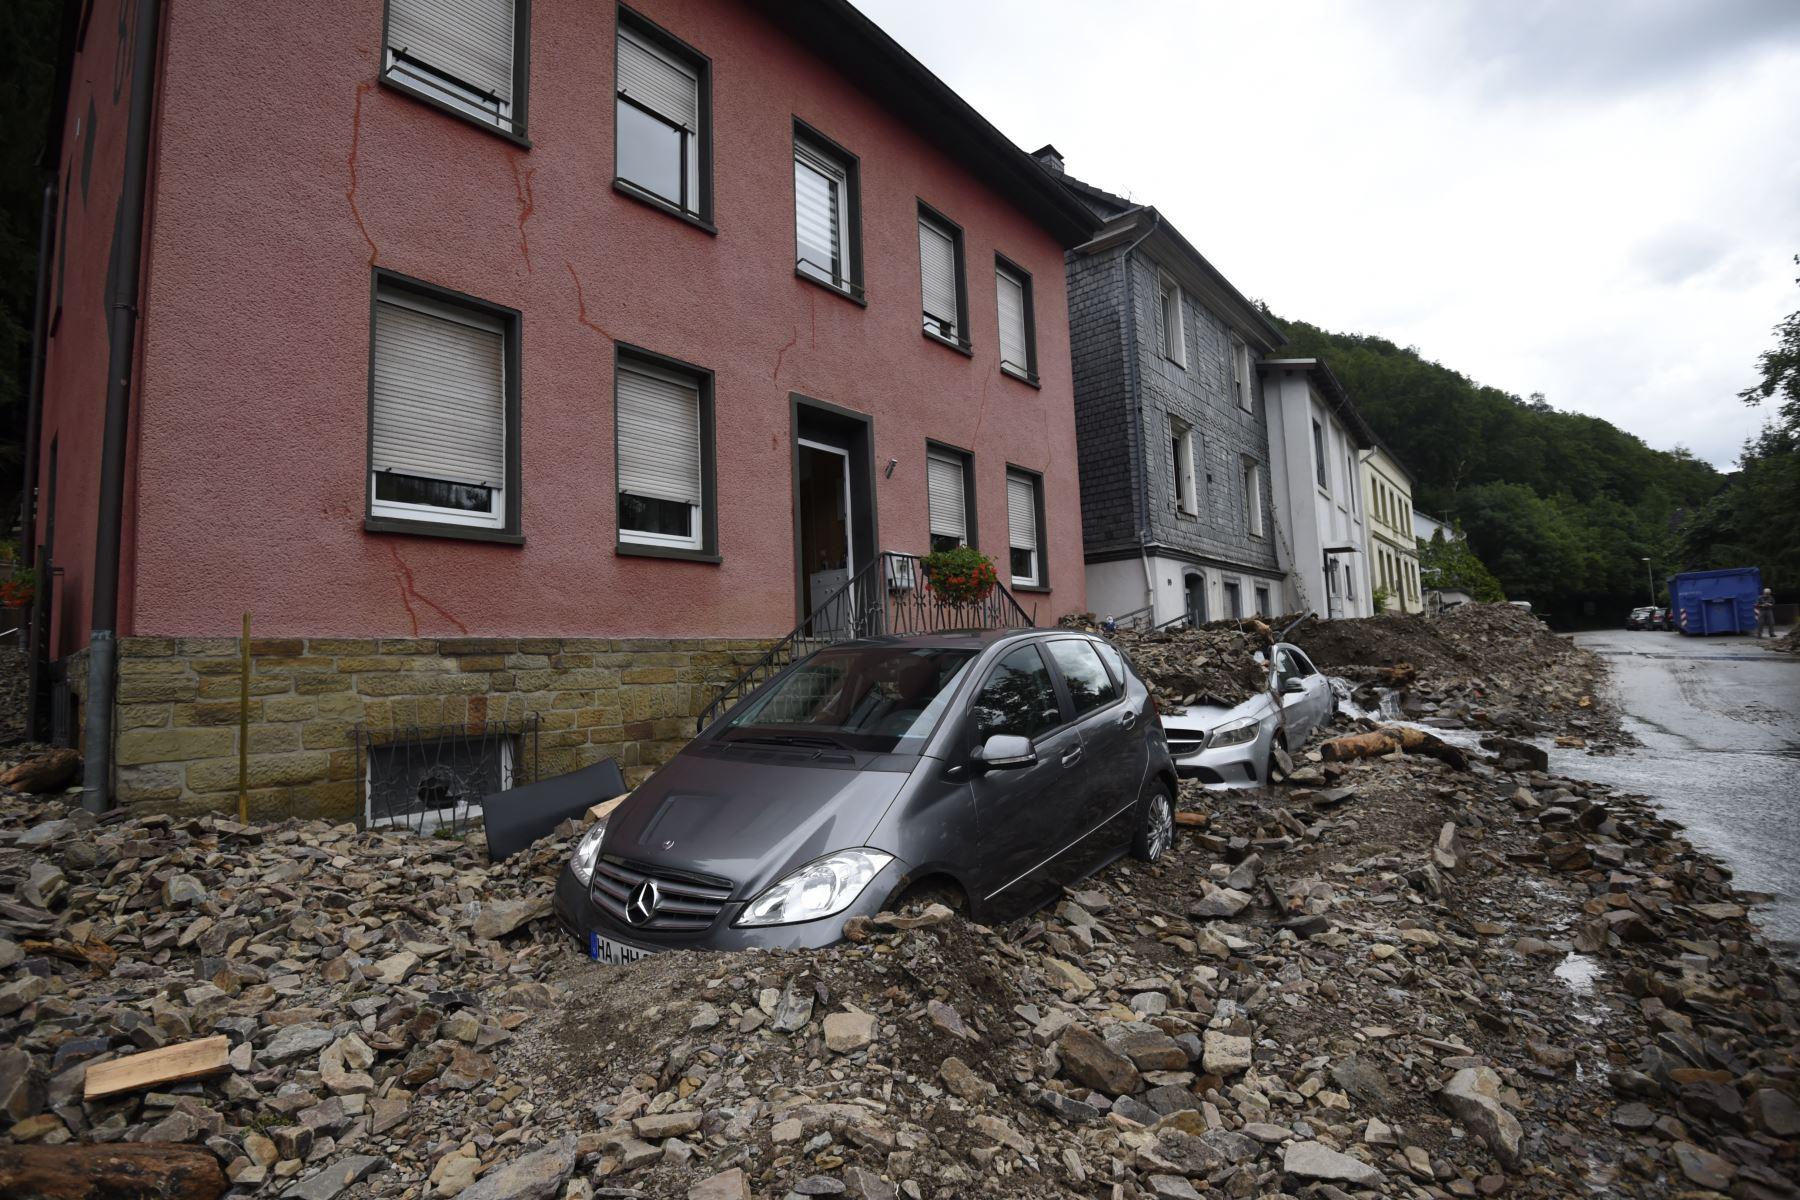 Perú expresa condolencias y solidaridad a Alemania y Bélgica por desastres naturales